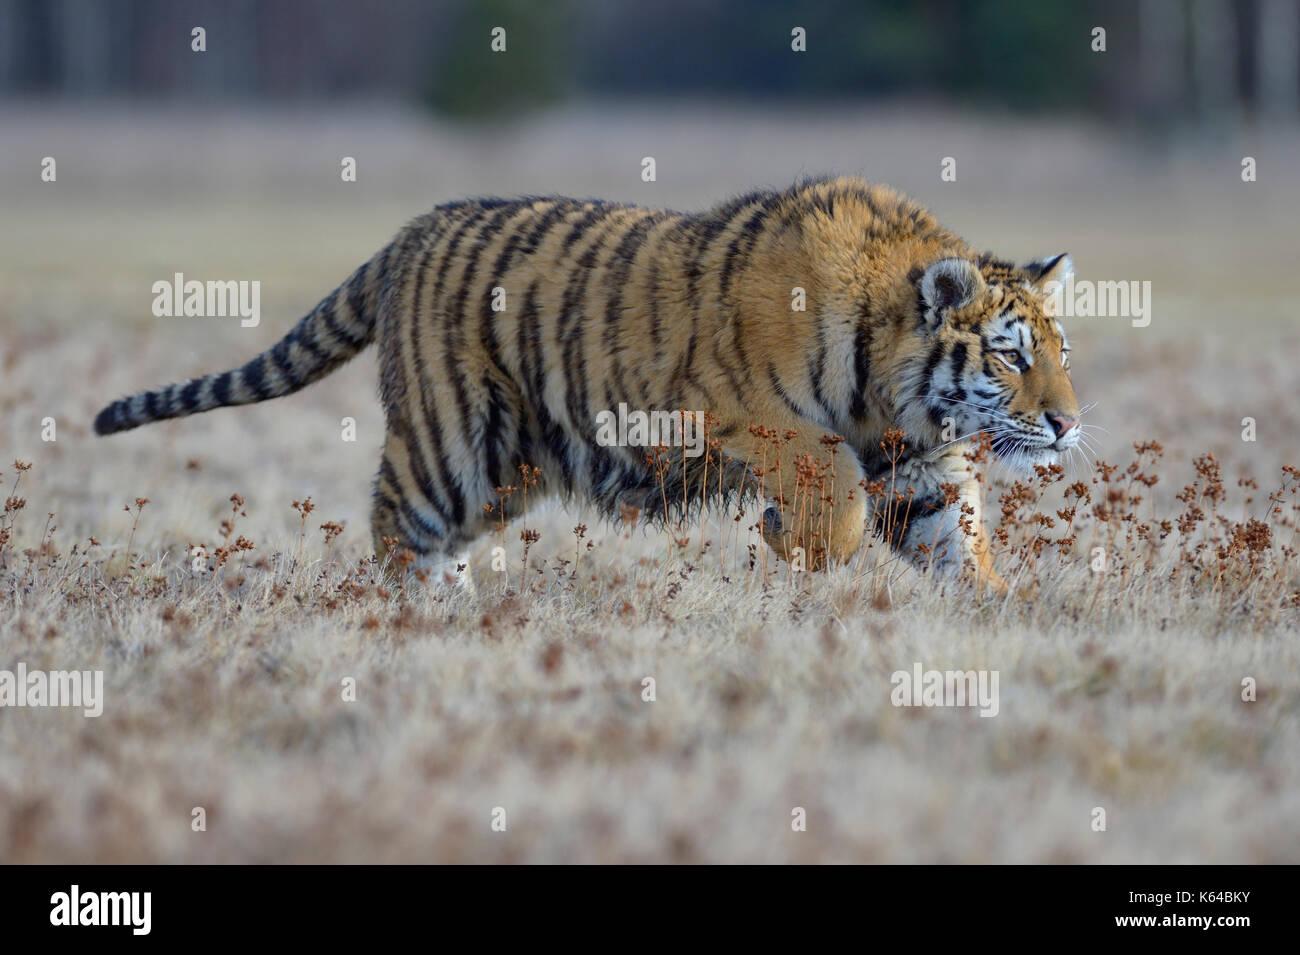 Tigre Siberiana (panthera tigris altaica), saltare in un prato nelle vicinanze, prigionieri Moravia Repubblica Ceca Foto Stock